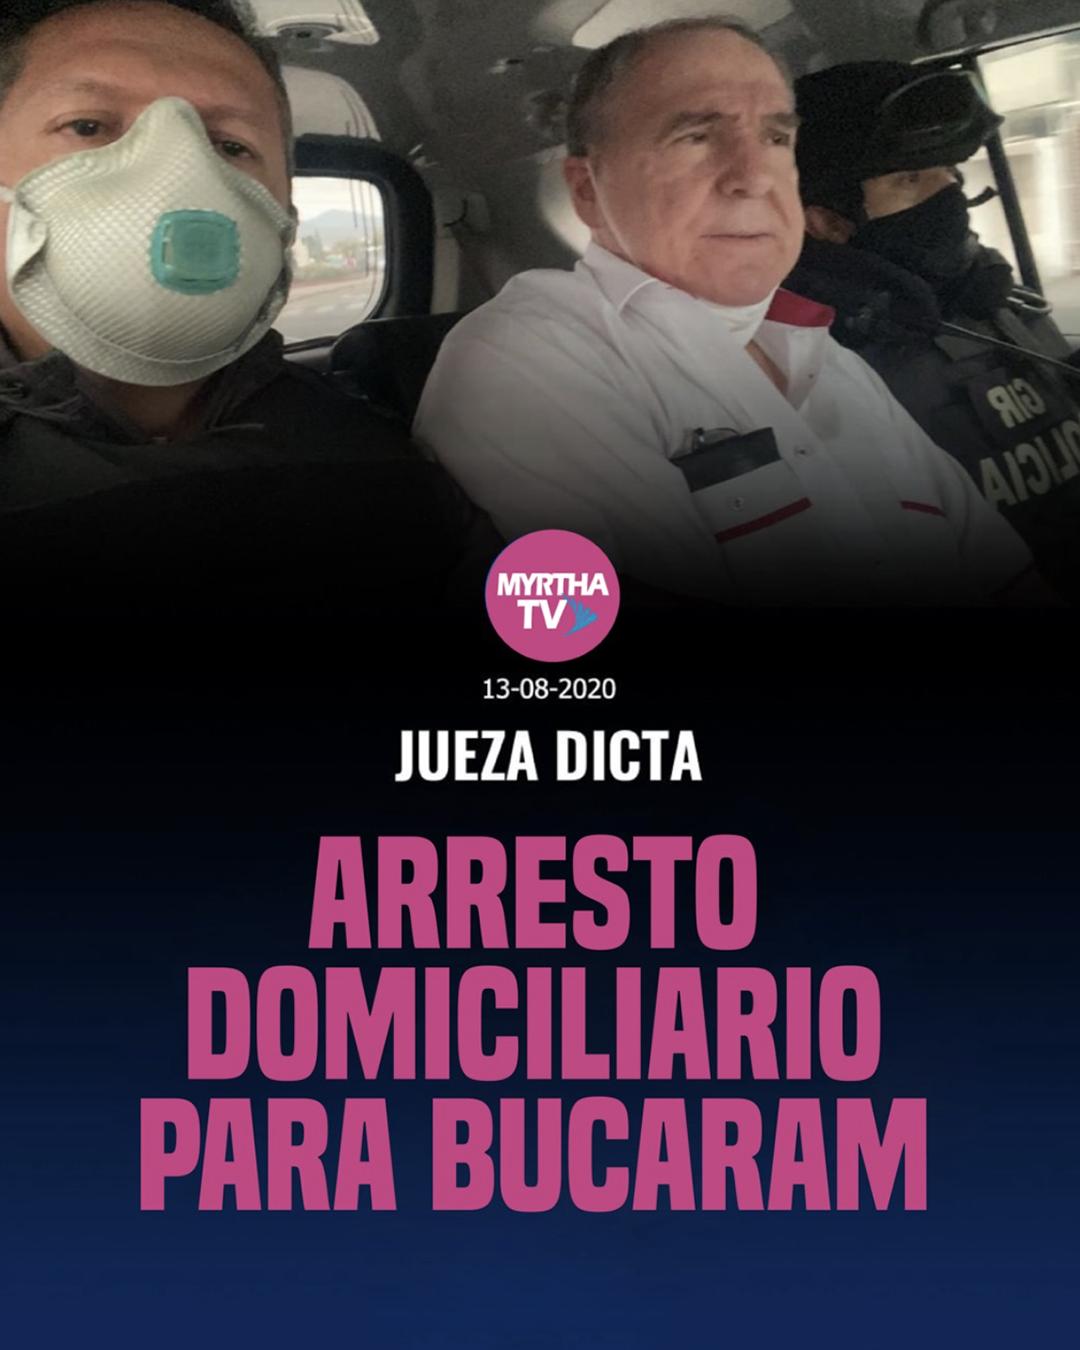 JUEZA DICTA ARRESTO DOMICILIARIO PARA BUCARAM